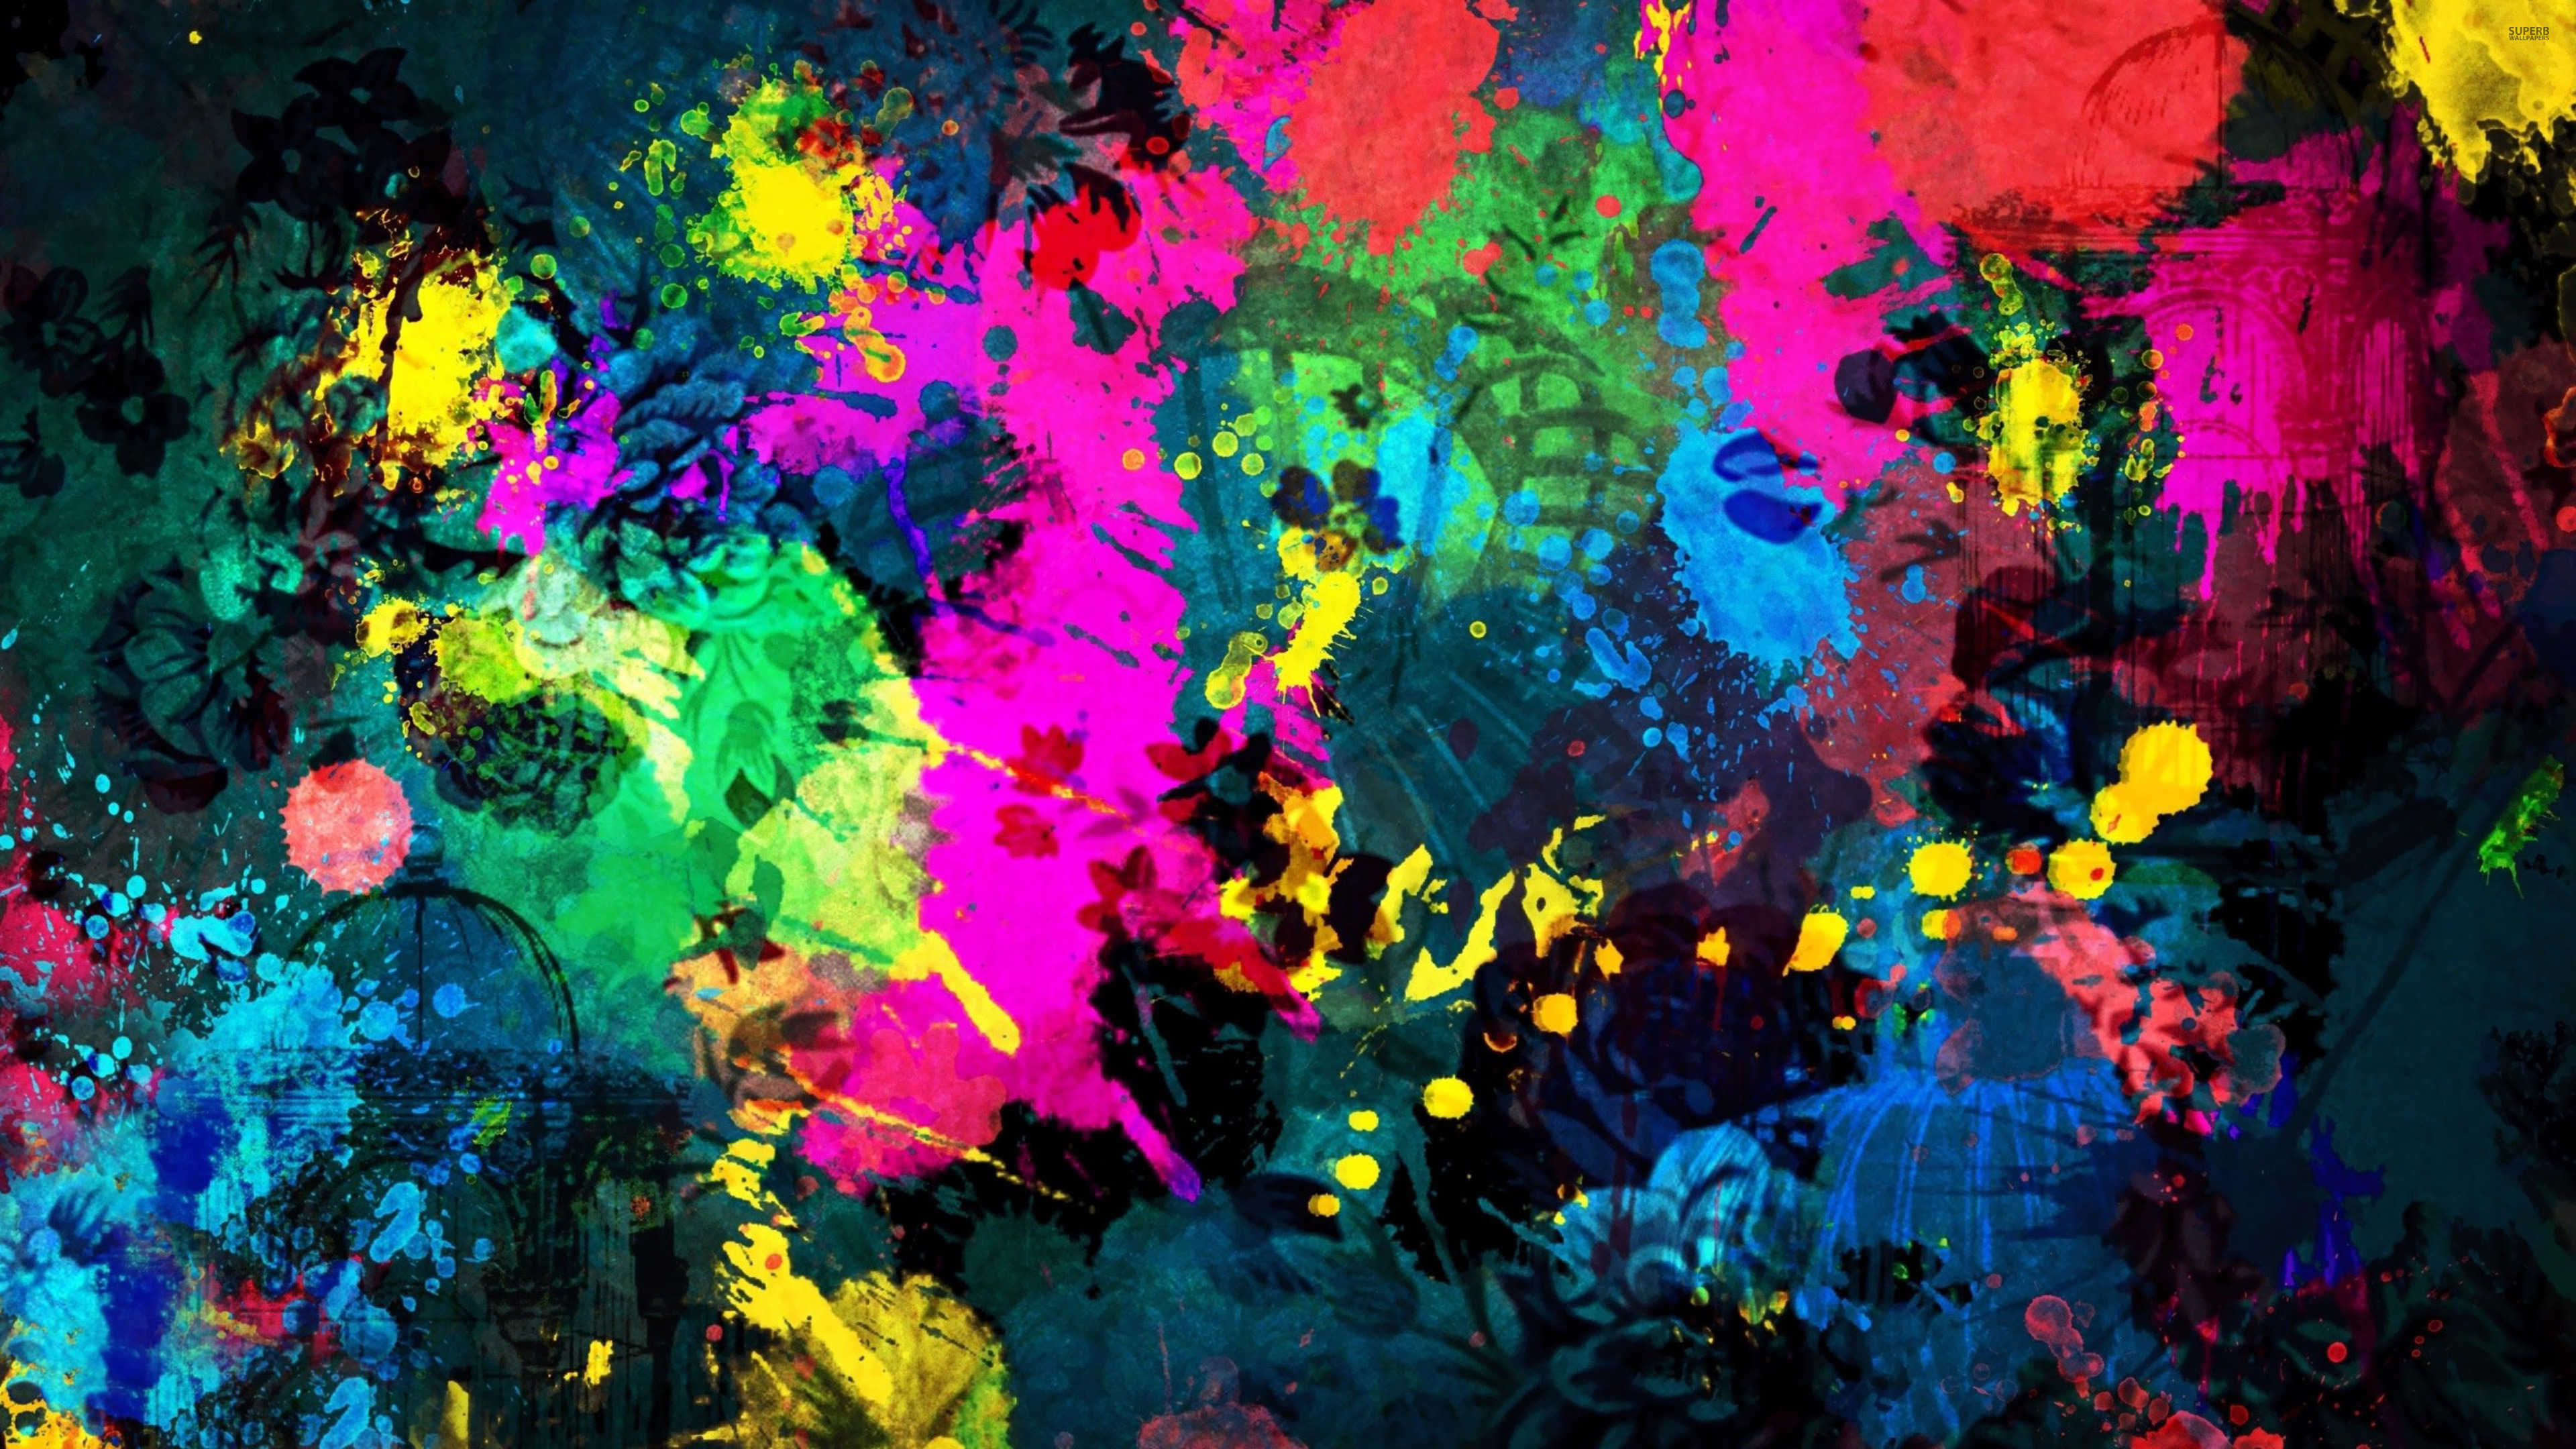 13 June 2014 3840 2160 colorful paint splatter 18695 38402160 3840x2160